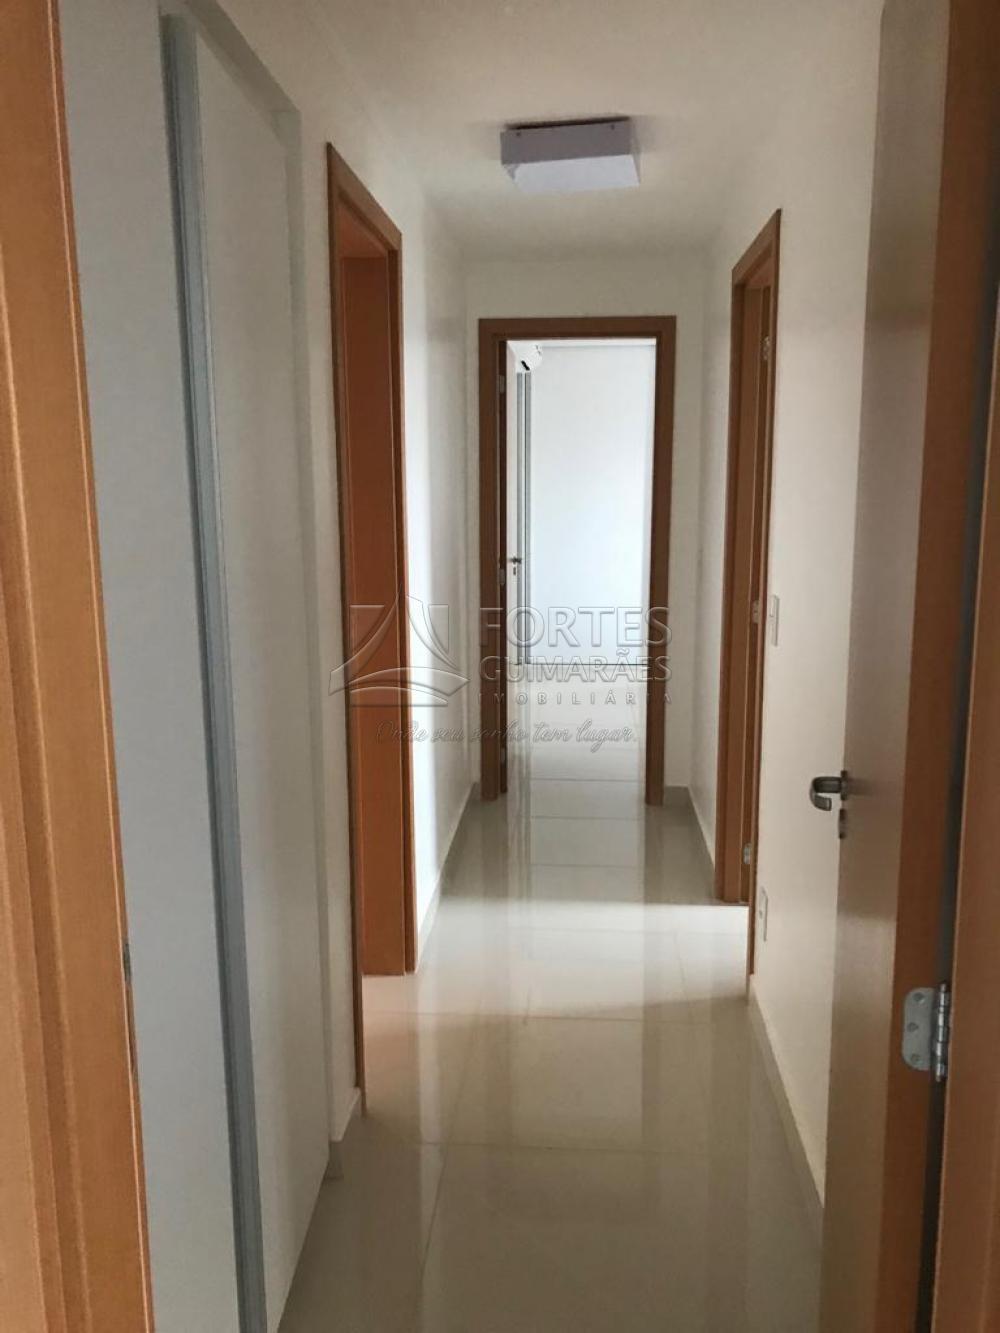 Alugar Apartamentos / Padrão em Ribeirão Preto apenas R$ 3.500,00 - Foto 17